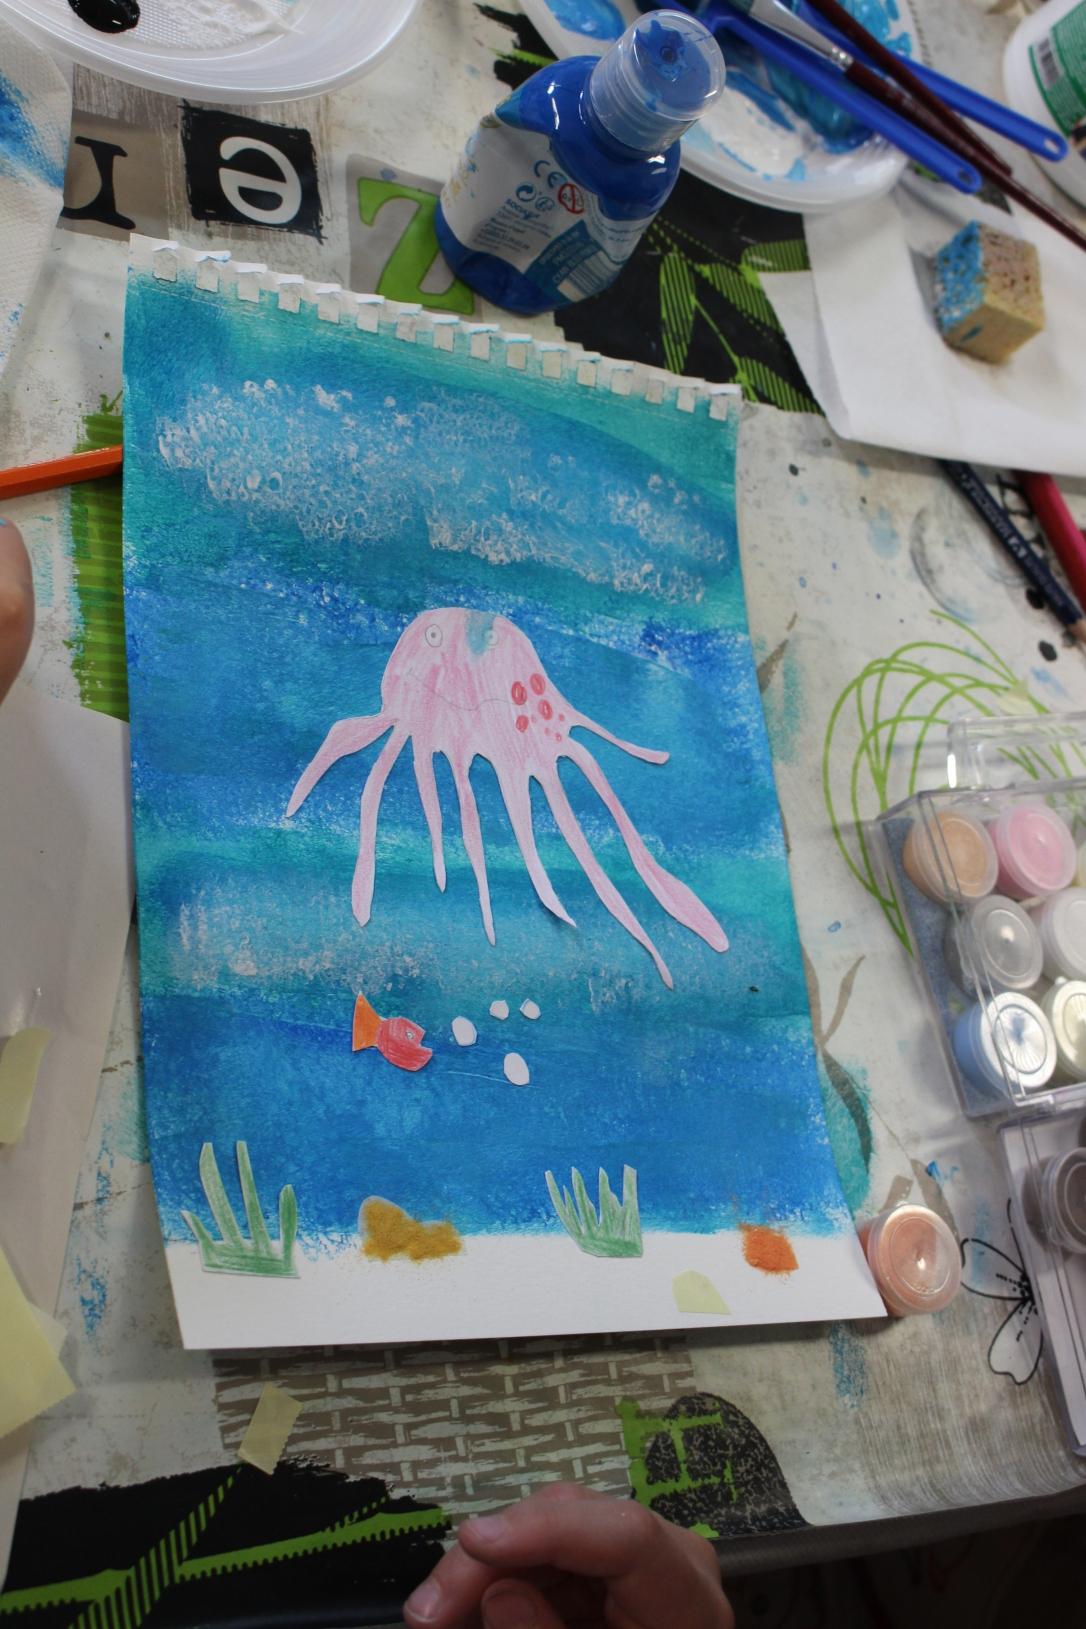 Plongeons dans les couleurs - atelier en famille - Musartdit (15)